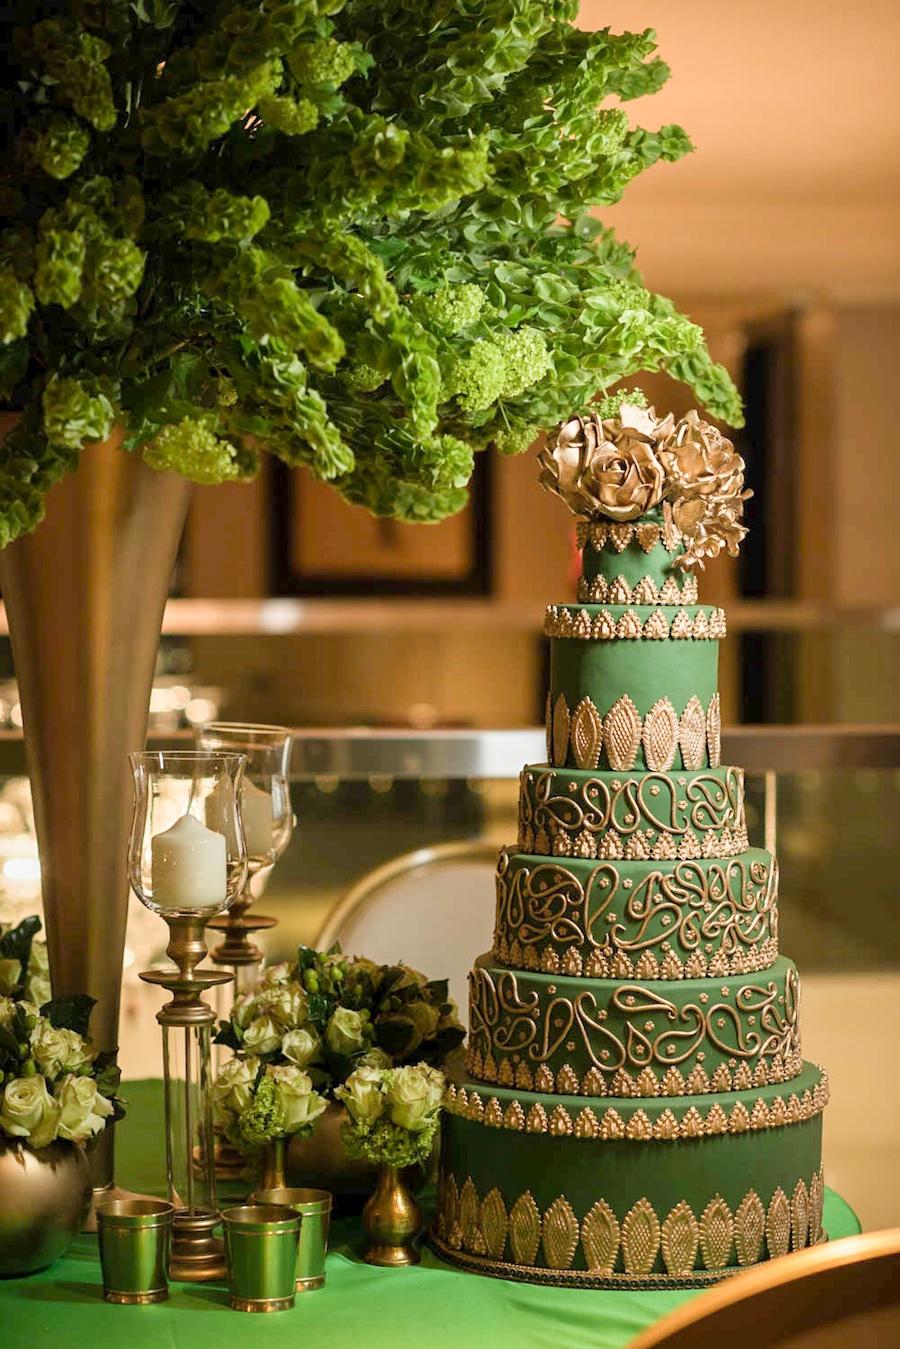 sari-cake-elizabeths-cake-emporium